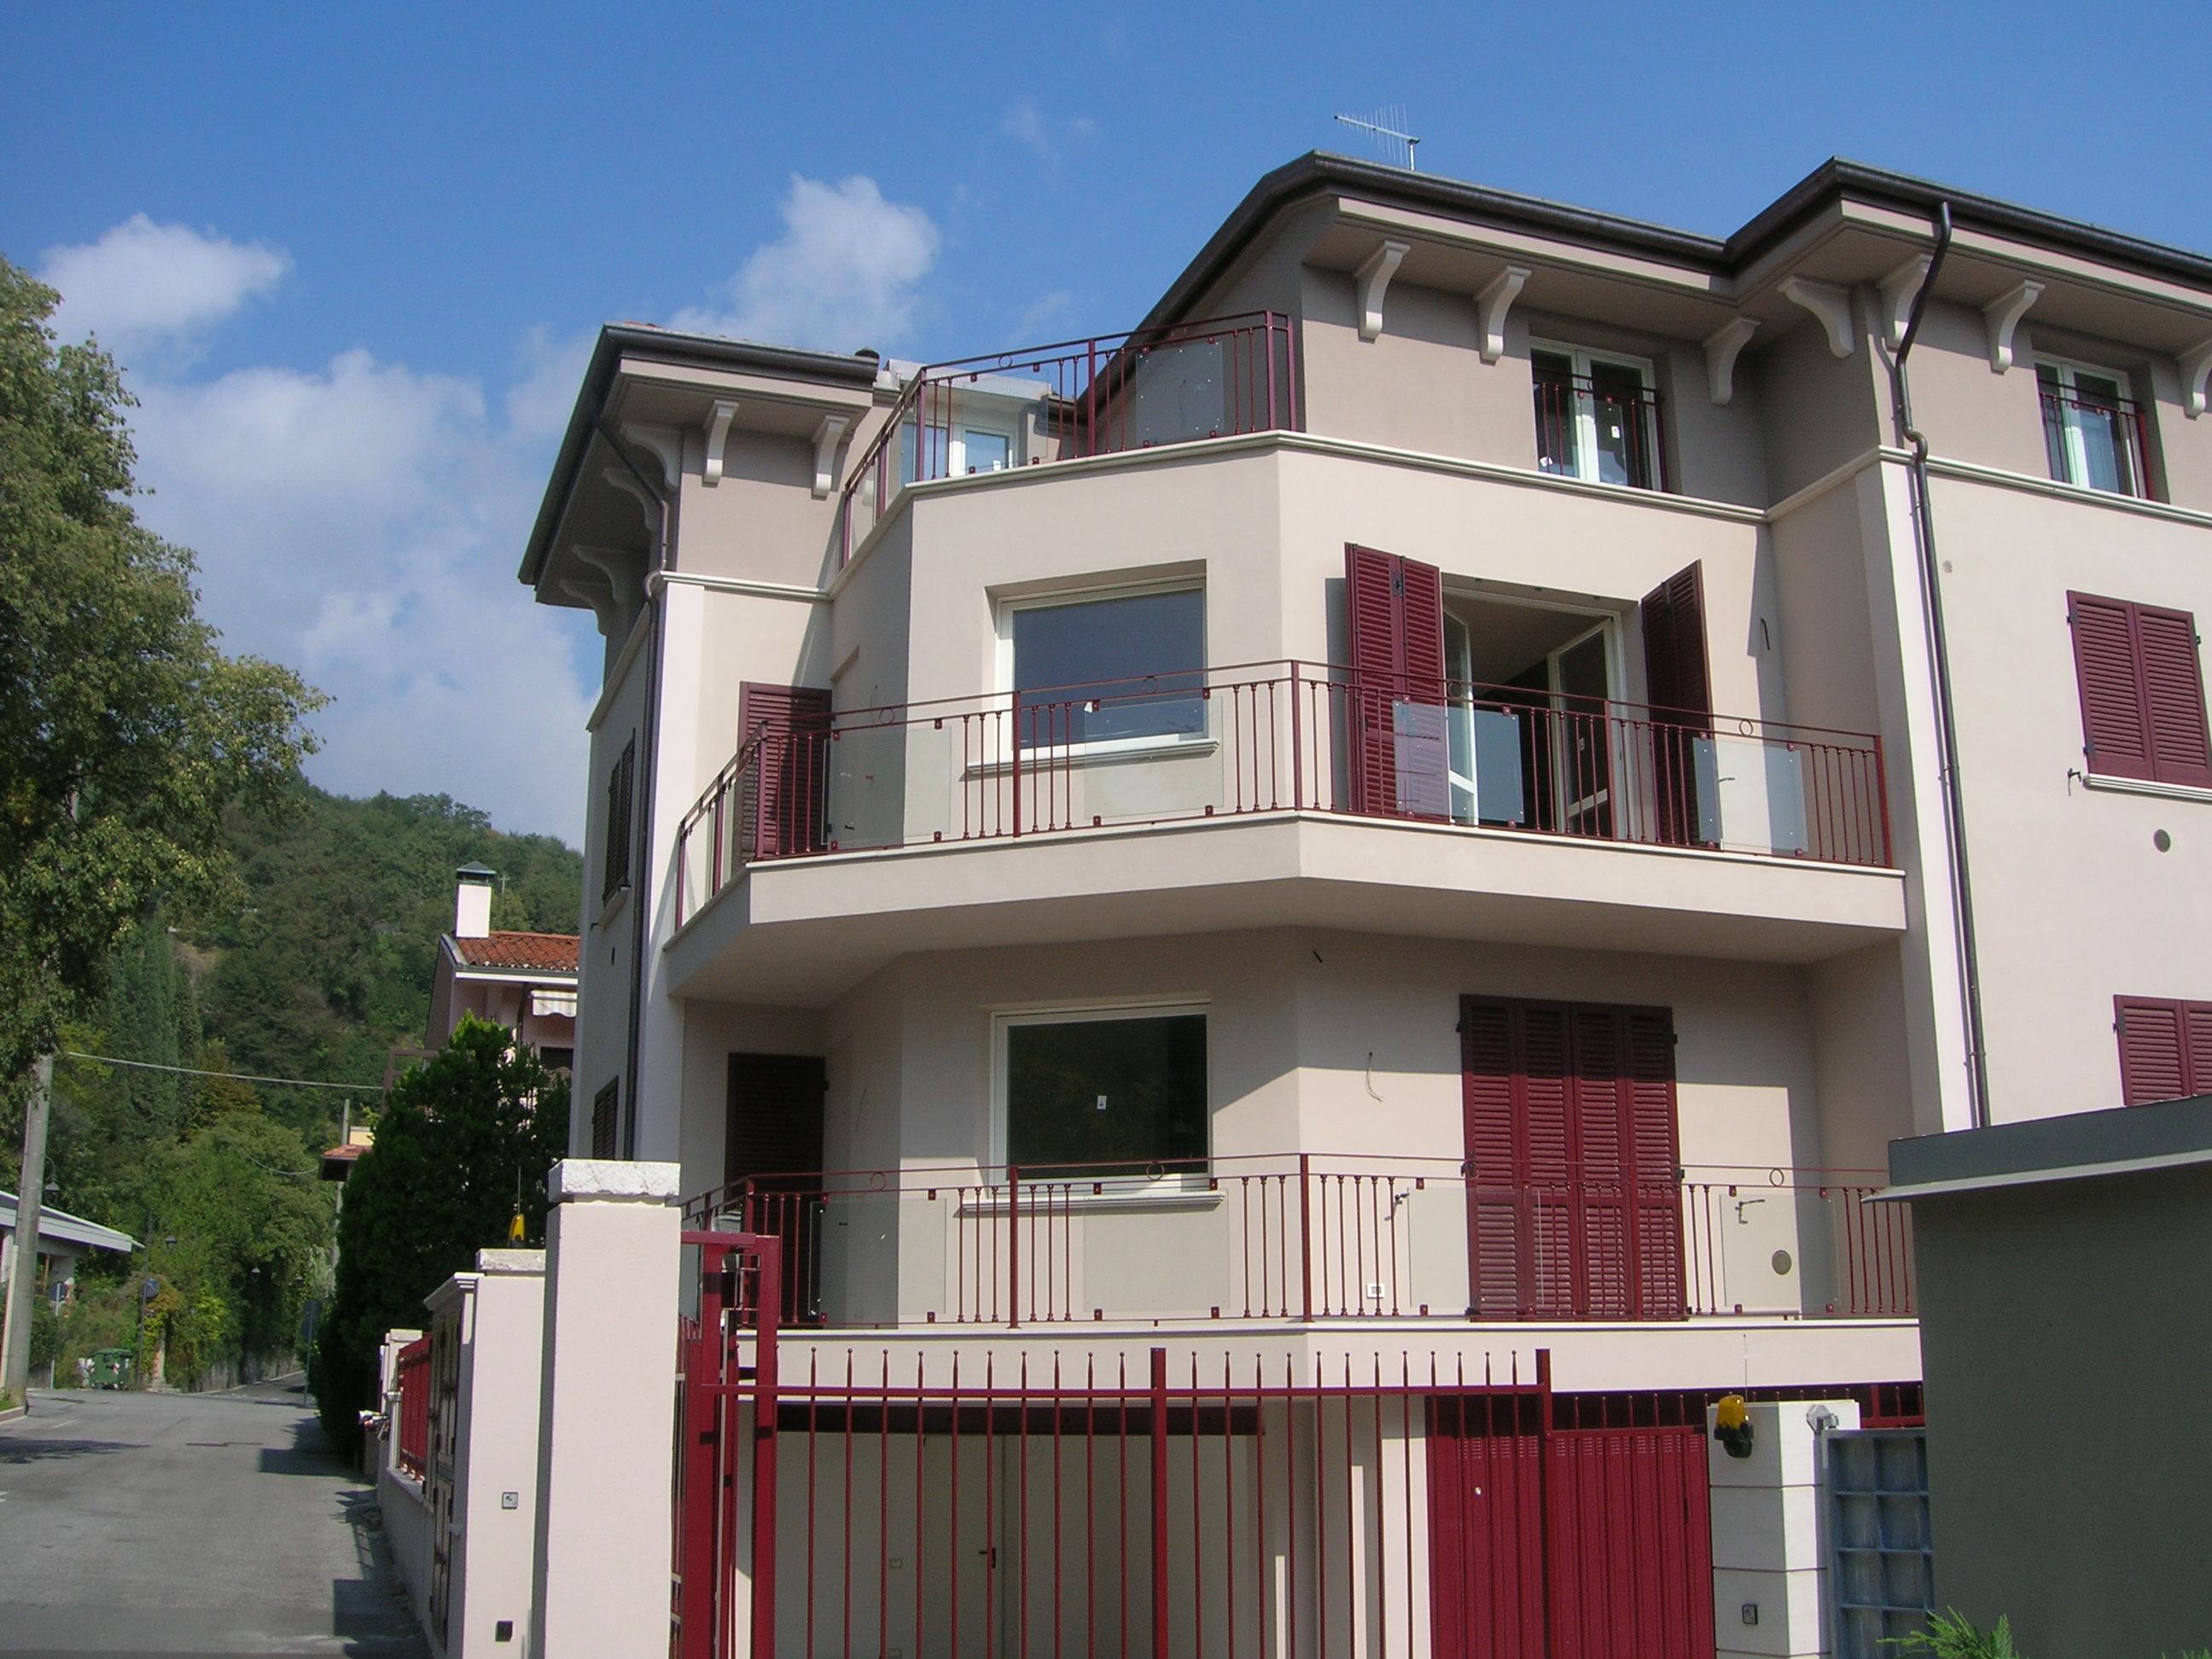 Prestigioso appartamento in vendita a sal for Costo per costruire garage per 2 auto in allegato